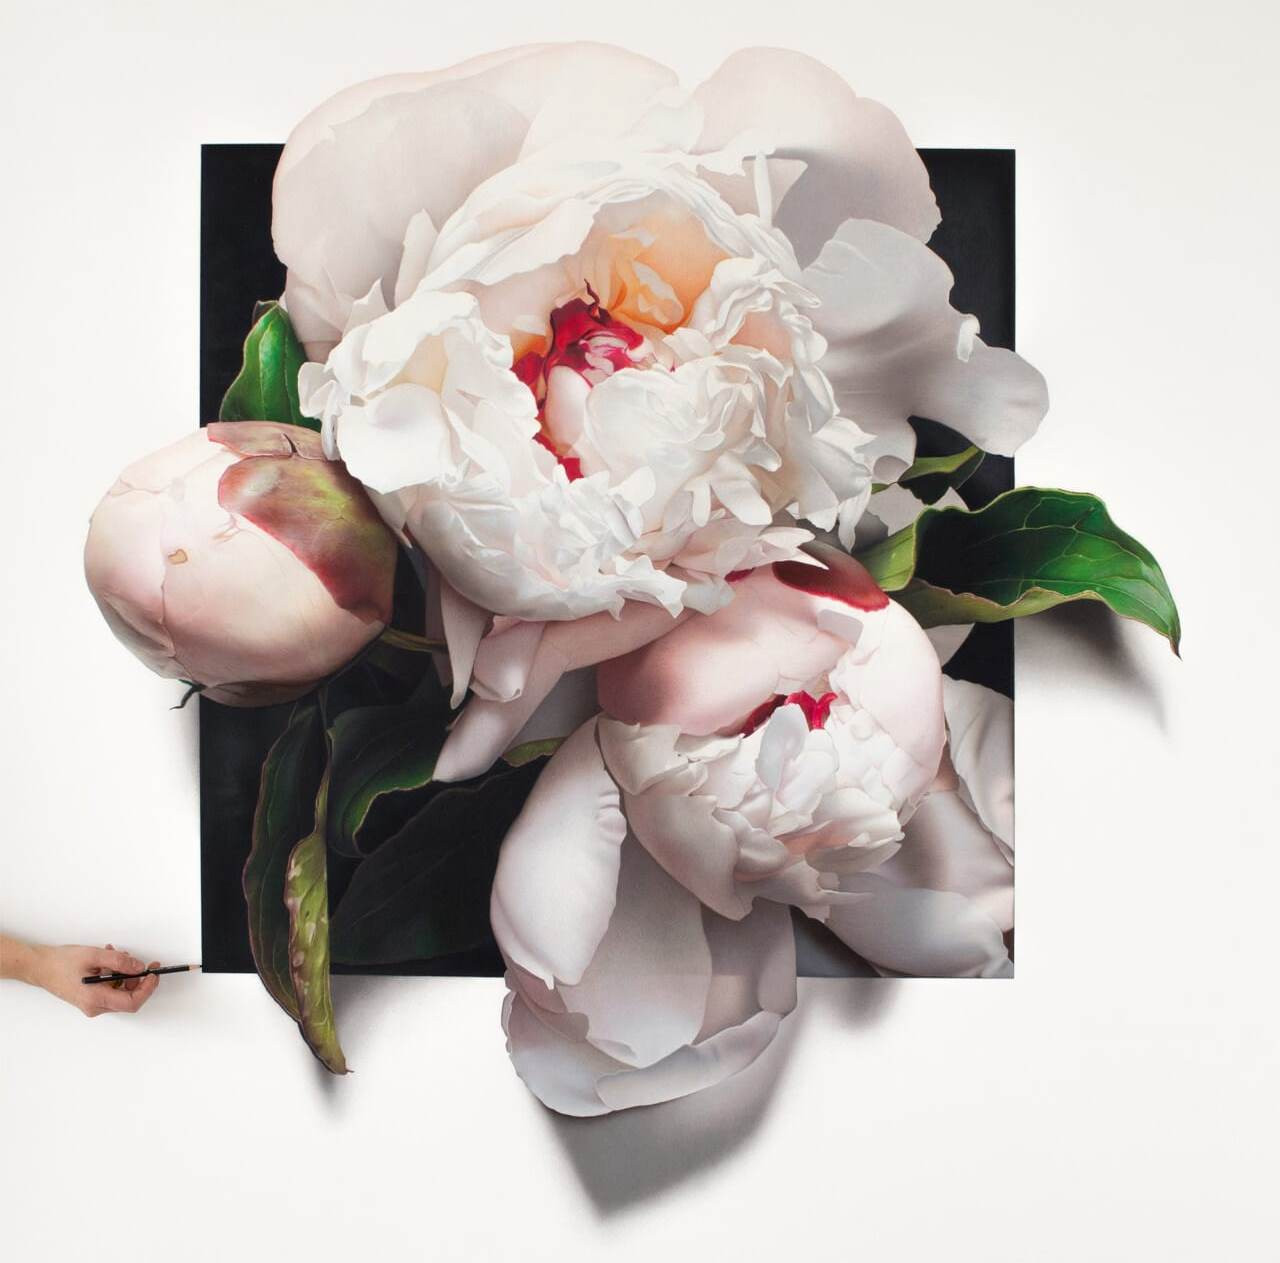 Гиперреалистичные рисунки цветов от австралийской художницы СиДжей Хендри